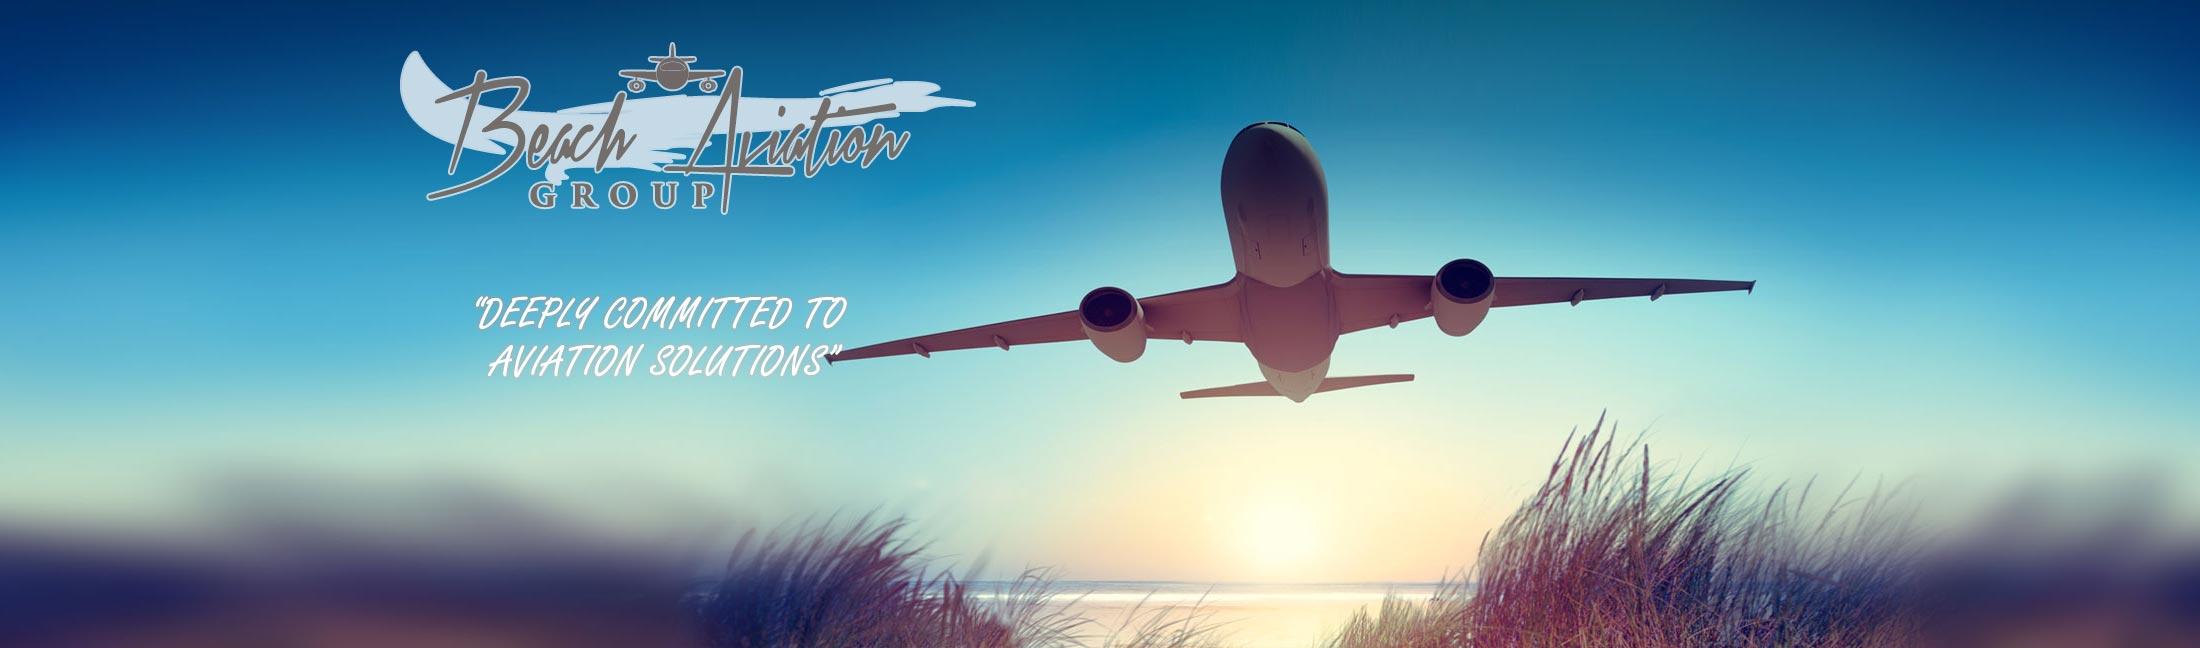 AircraftAirframeComponentsslide6a